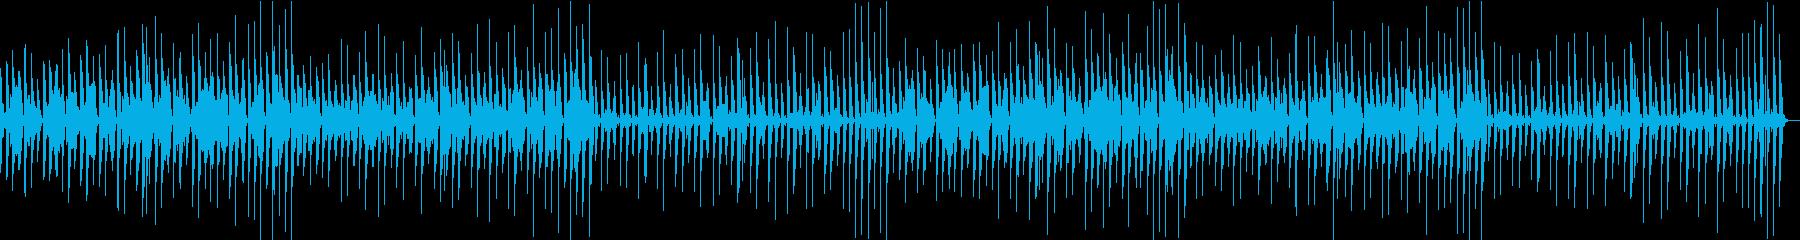 コミカルな 日常会話風 BGMの再生済みの波形